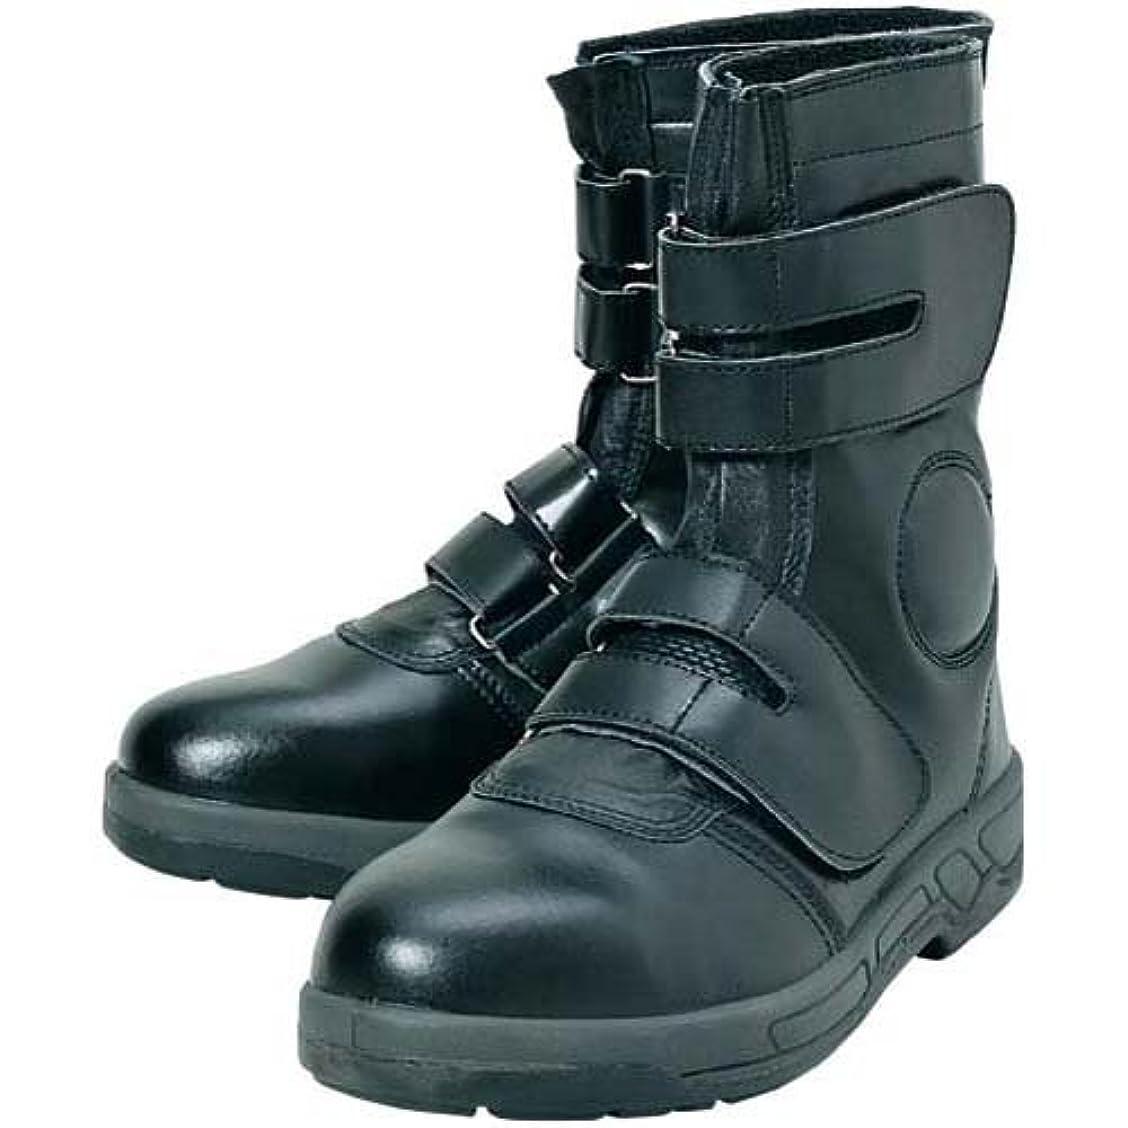 更新オフェンスレモン半長靴セーフティー(マジック) 26.5 ZA-819 [ウェア&シューズ] [ウェア&シューズ] [ウェア&シューズ] [ウェア&シューズ]